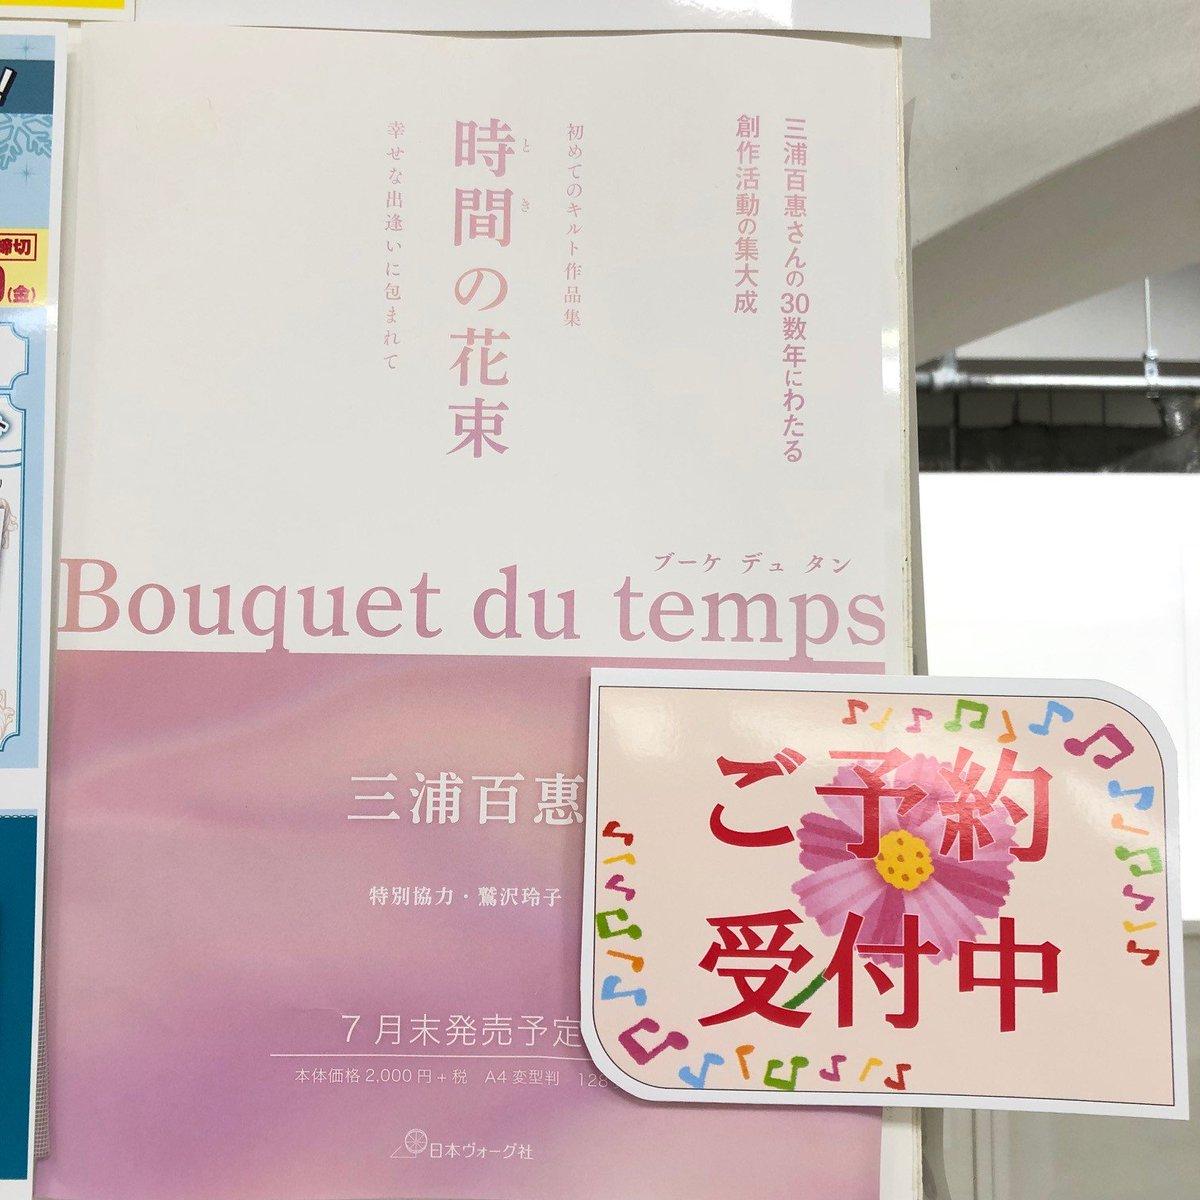 【予約受付中】  『時間の花束 Bouquet du temps』 #三浦百恵 特別協力 #鷲沢玲子 #日本ヴォーグ社 2000円+税  百恵さんの引退以来初の本です!  ・百恵さん自身の考えたキルトの作品 ・作品にまつわる思い出 ・現在の写真  など、ファン必携の1冊になっております! 予約受付中です!